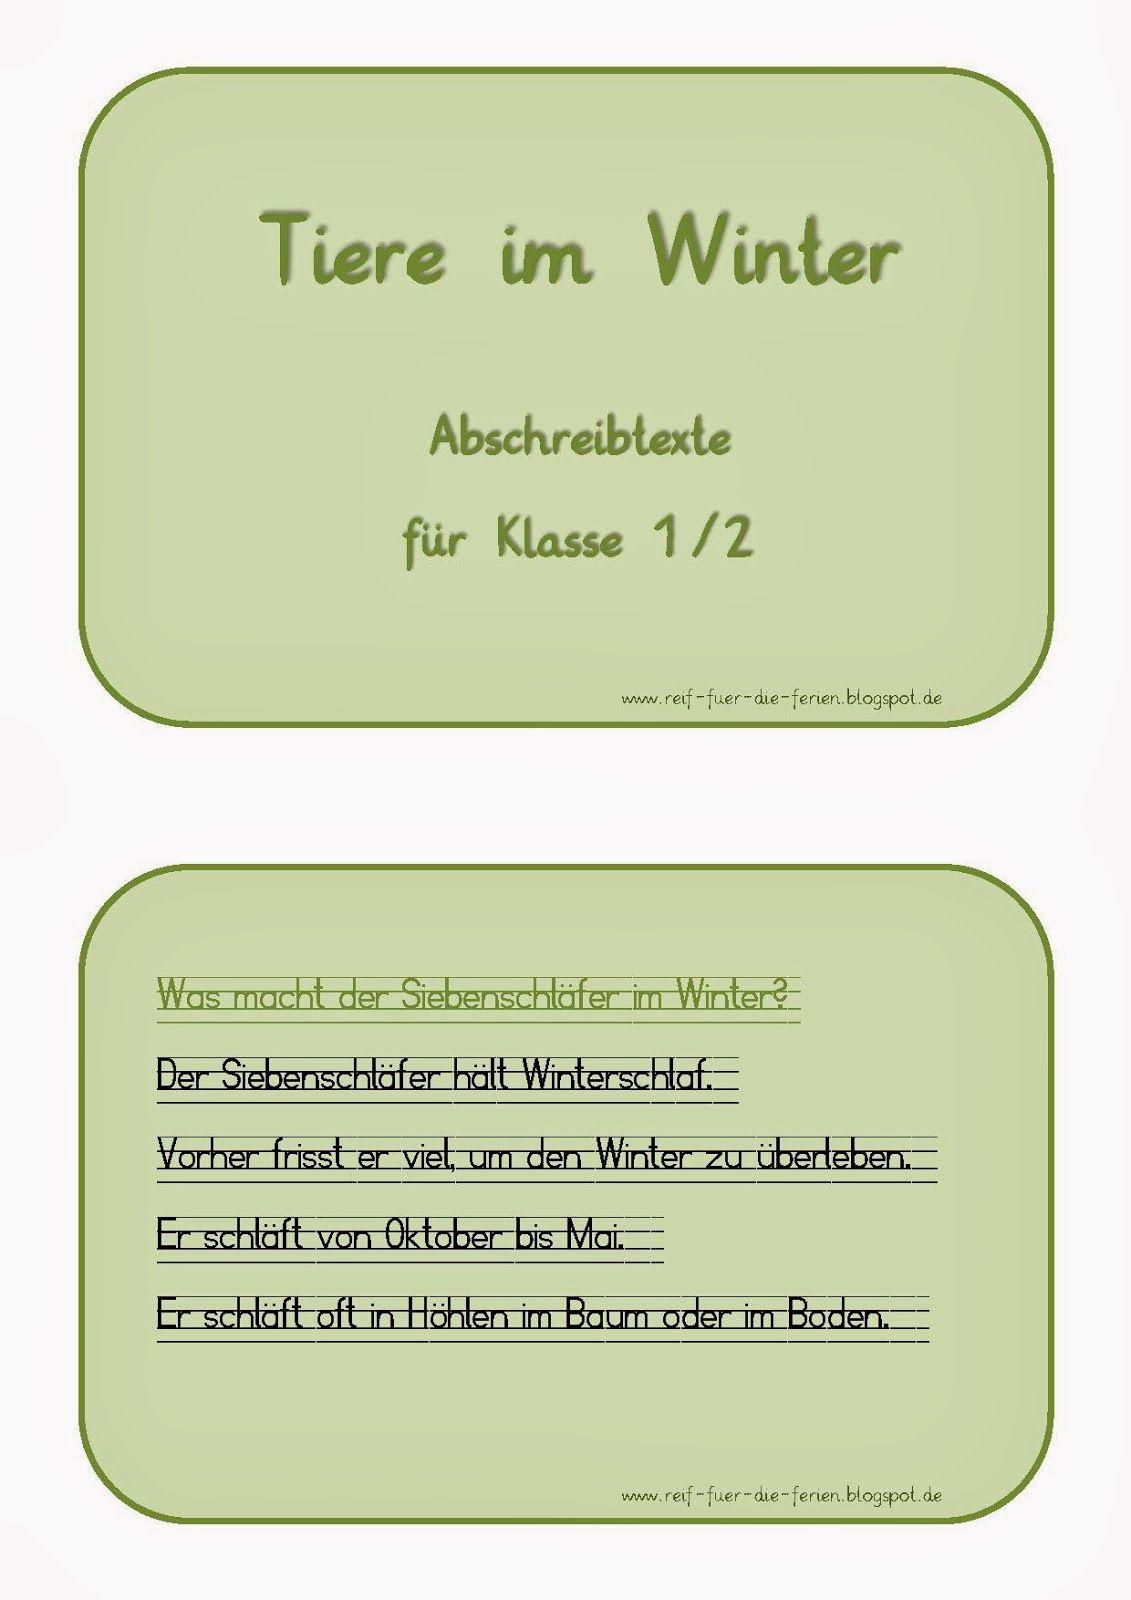 Tiere im Winter - Abschreibtexte | Deutsch | Pinterest | Winter ...